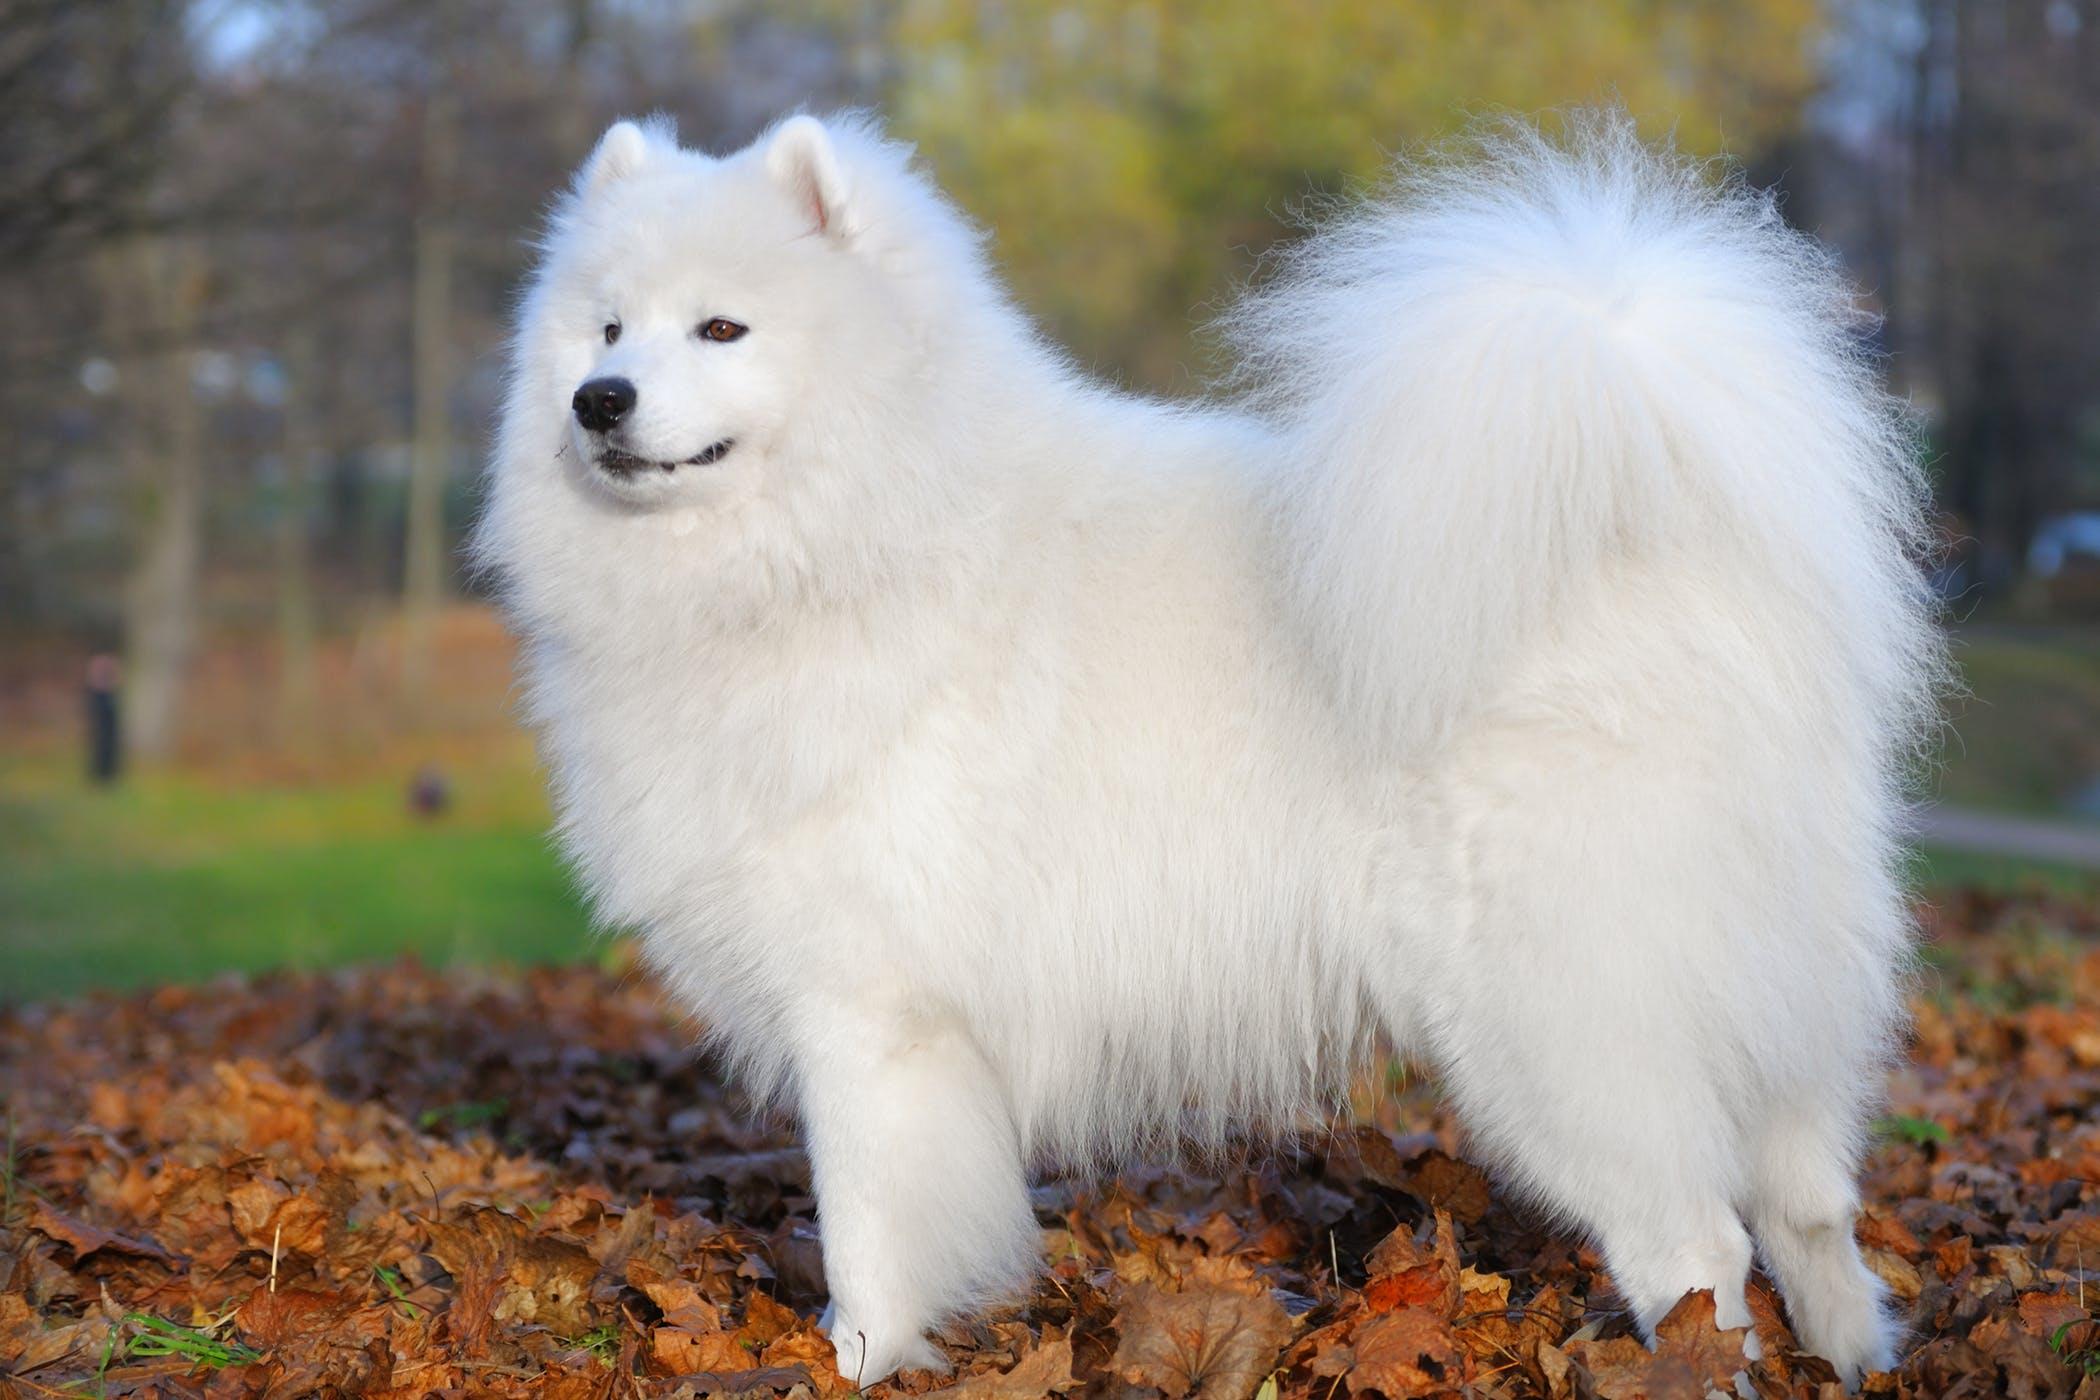 Chú chó khôn sẽ giữ cho bộ lông của mình luôn sạch sẽ